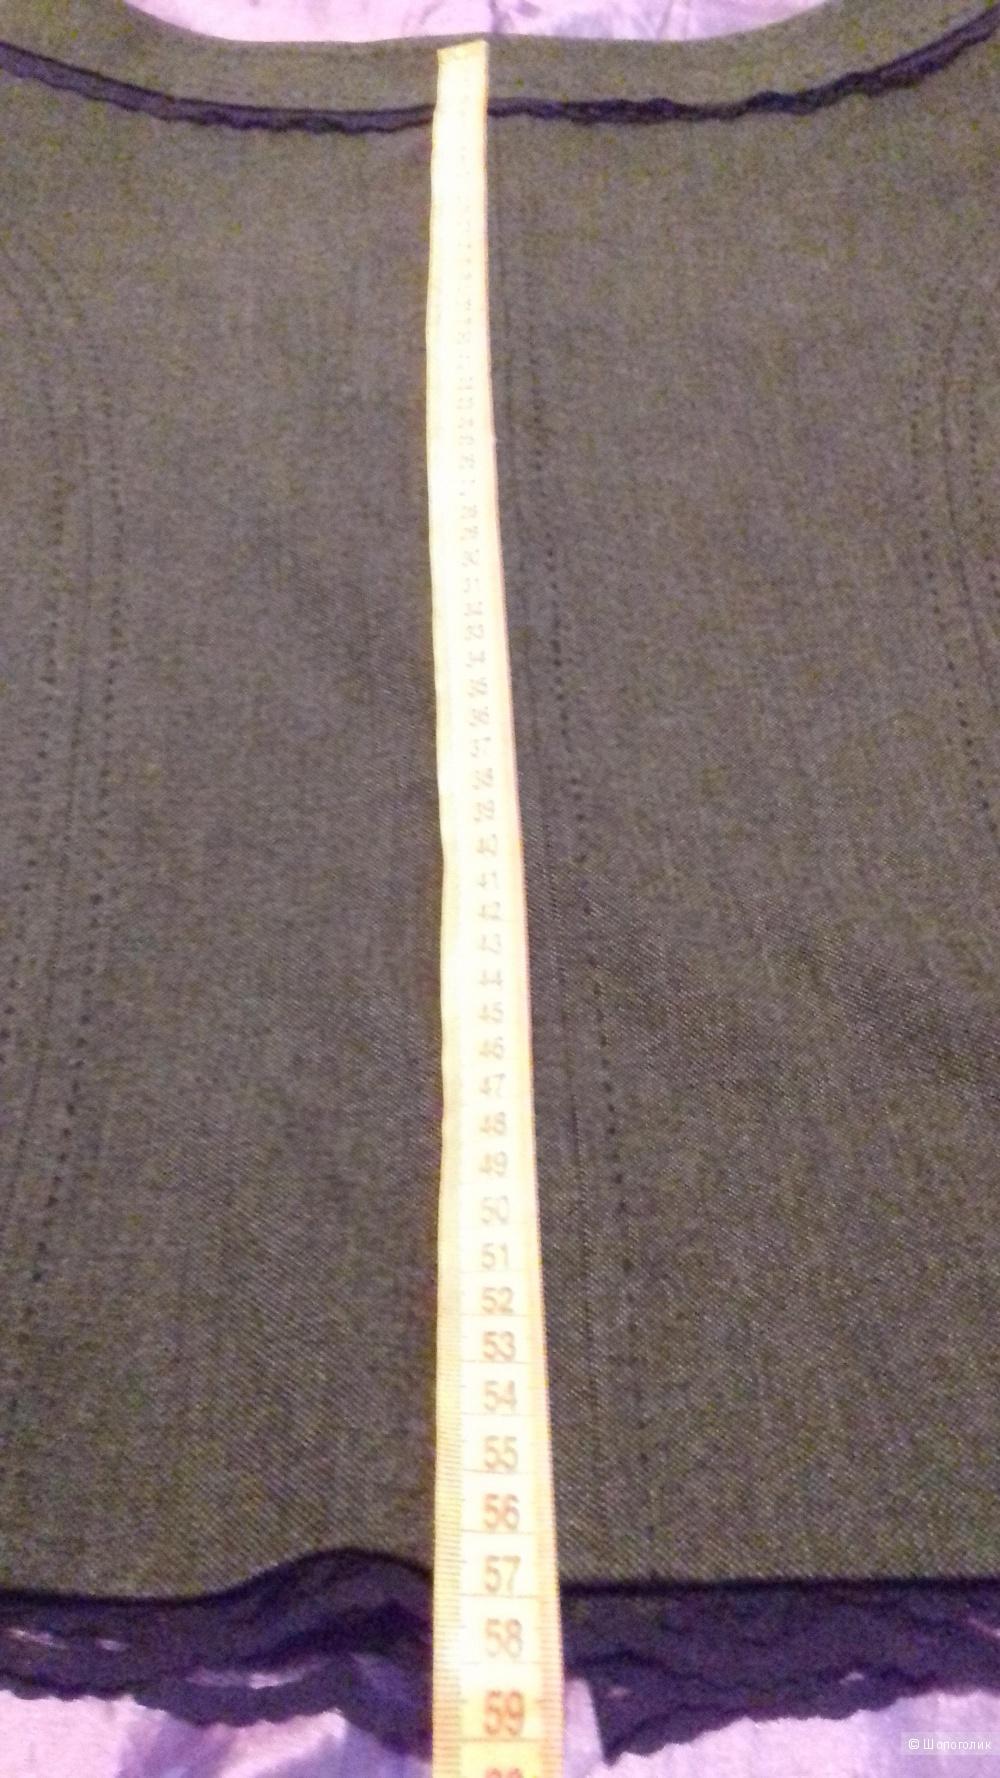 Юбка FUSION на 46 RUS, ( EUR 40, UK 12, USA 8).